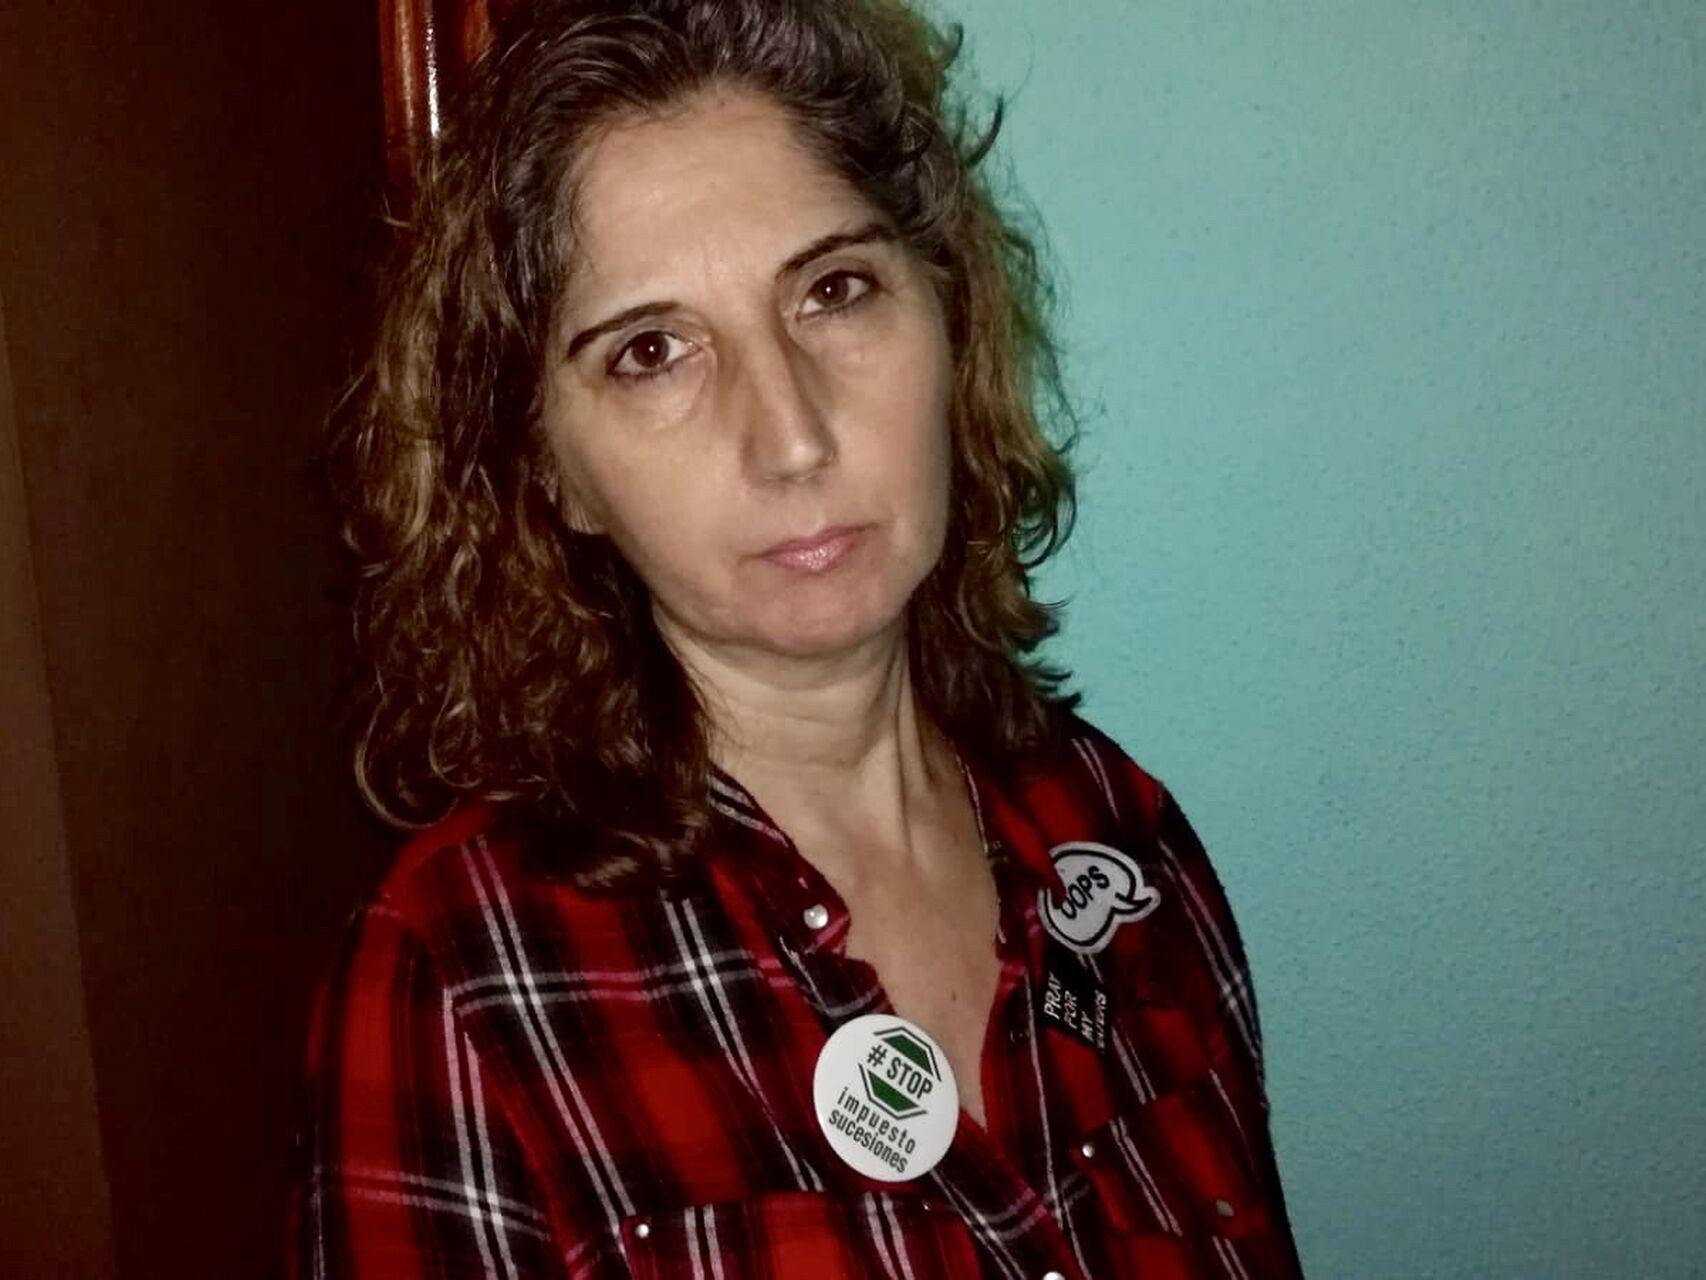 Dolores, la andaluza desempleada que ha quedado arruinada por el impuesto de sucesiones del socialismo